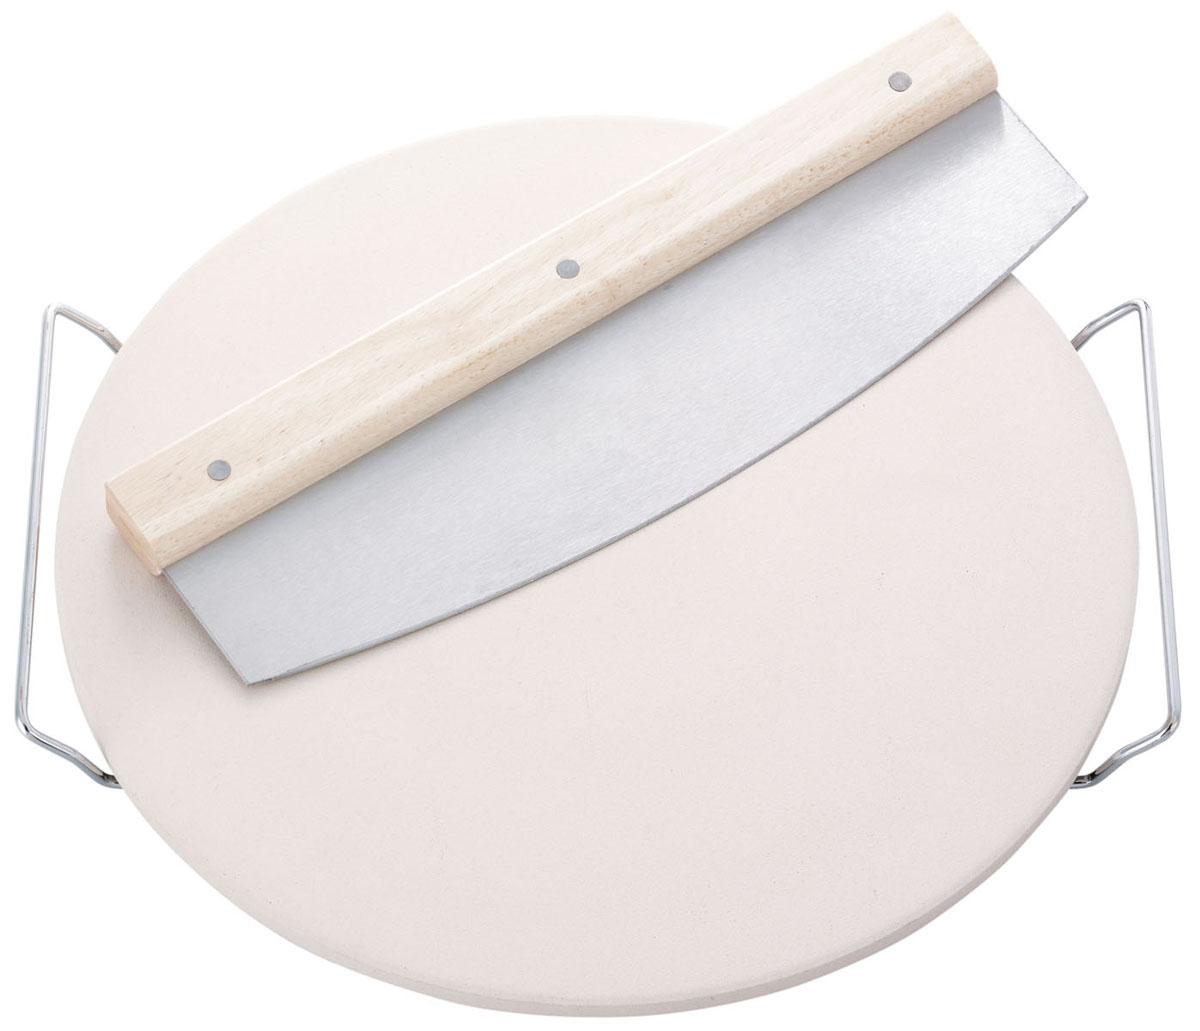 Камень для выпечки круглый54 009312Предназначен для выпекания кулинарных изделий